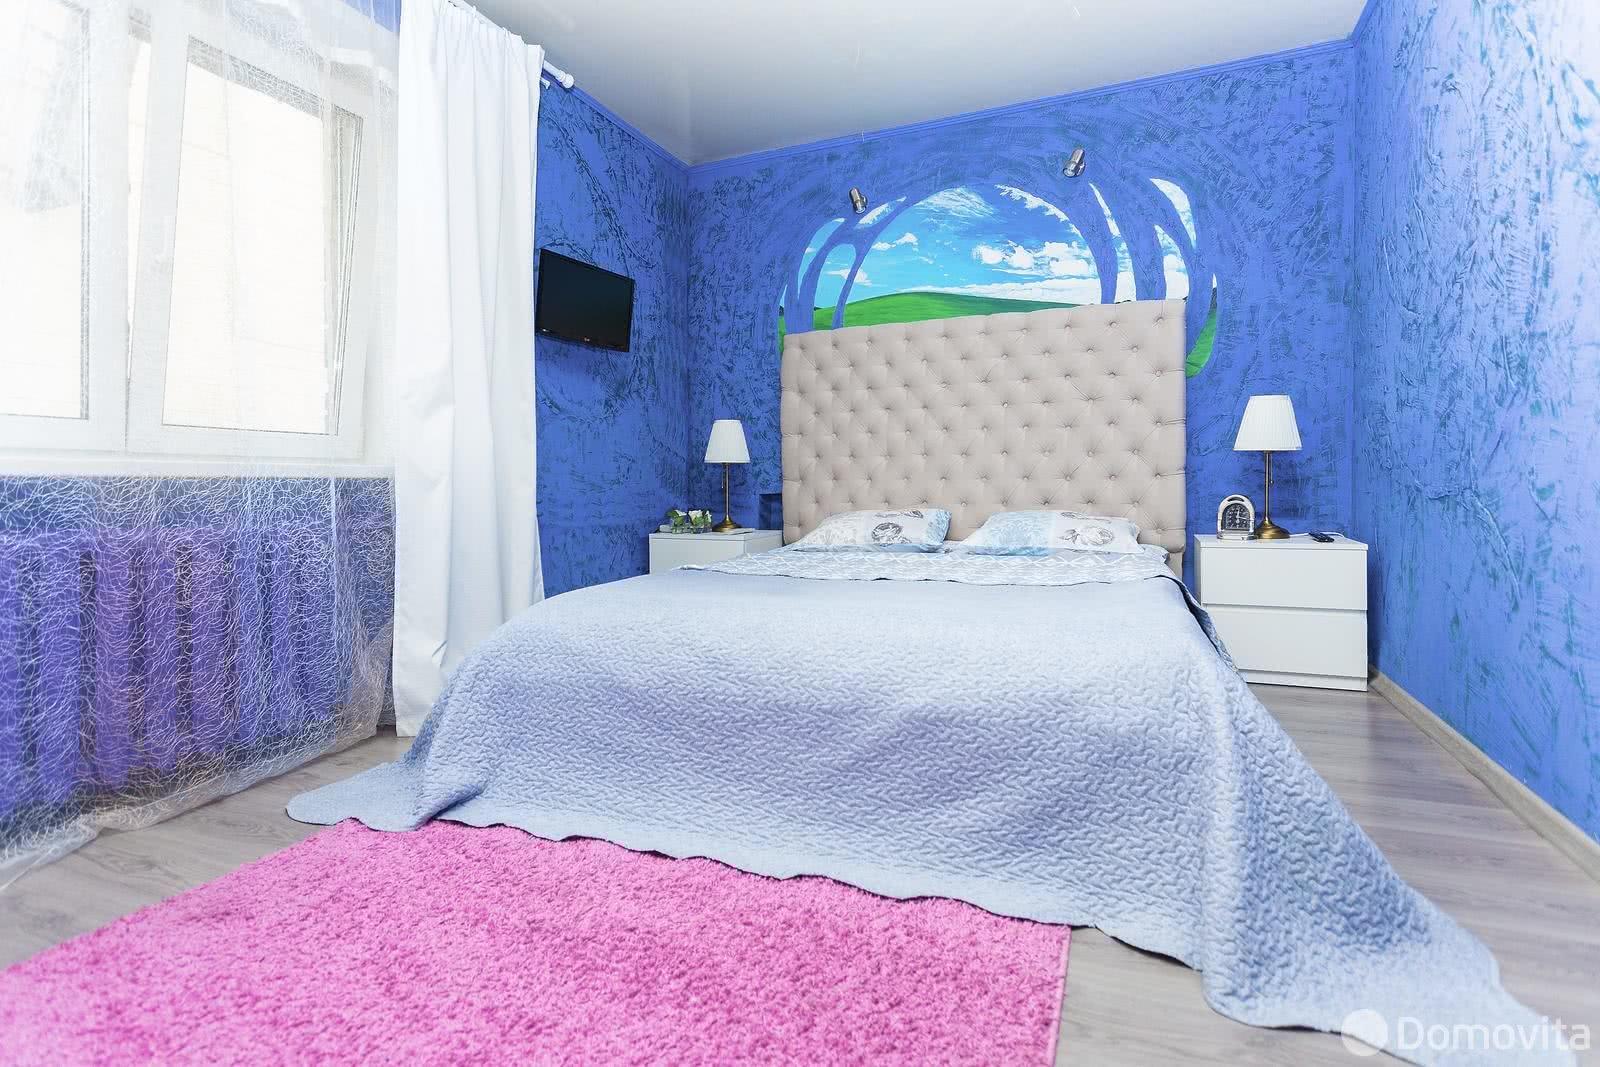 1-комнатная квартира на сутки в Минске ул. Городской Вал, д. 9 - фото 1